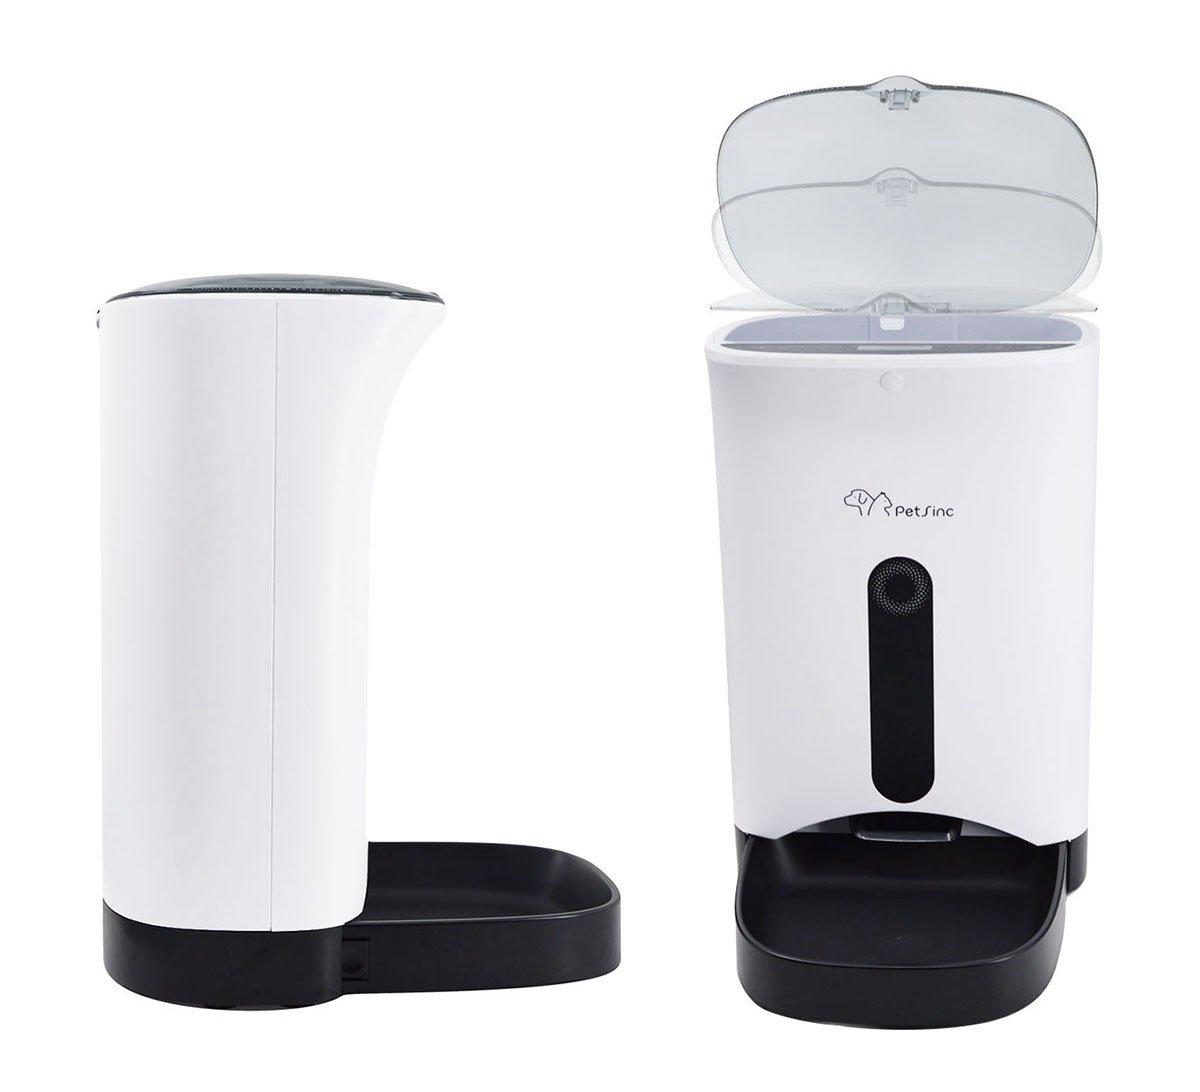 Comedero automático para mascotas con grabación de voz y programable por solo 92,88€